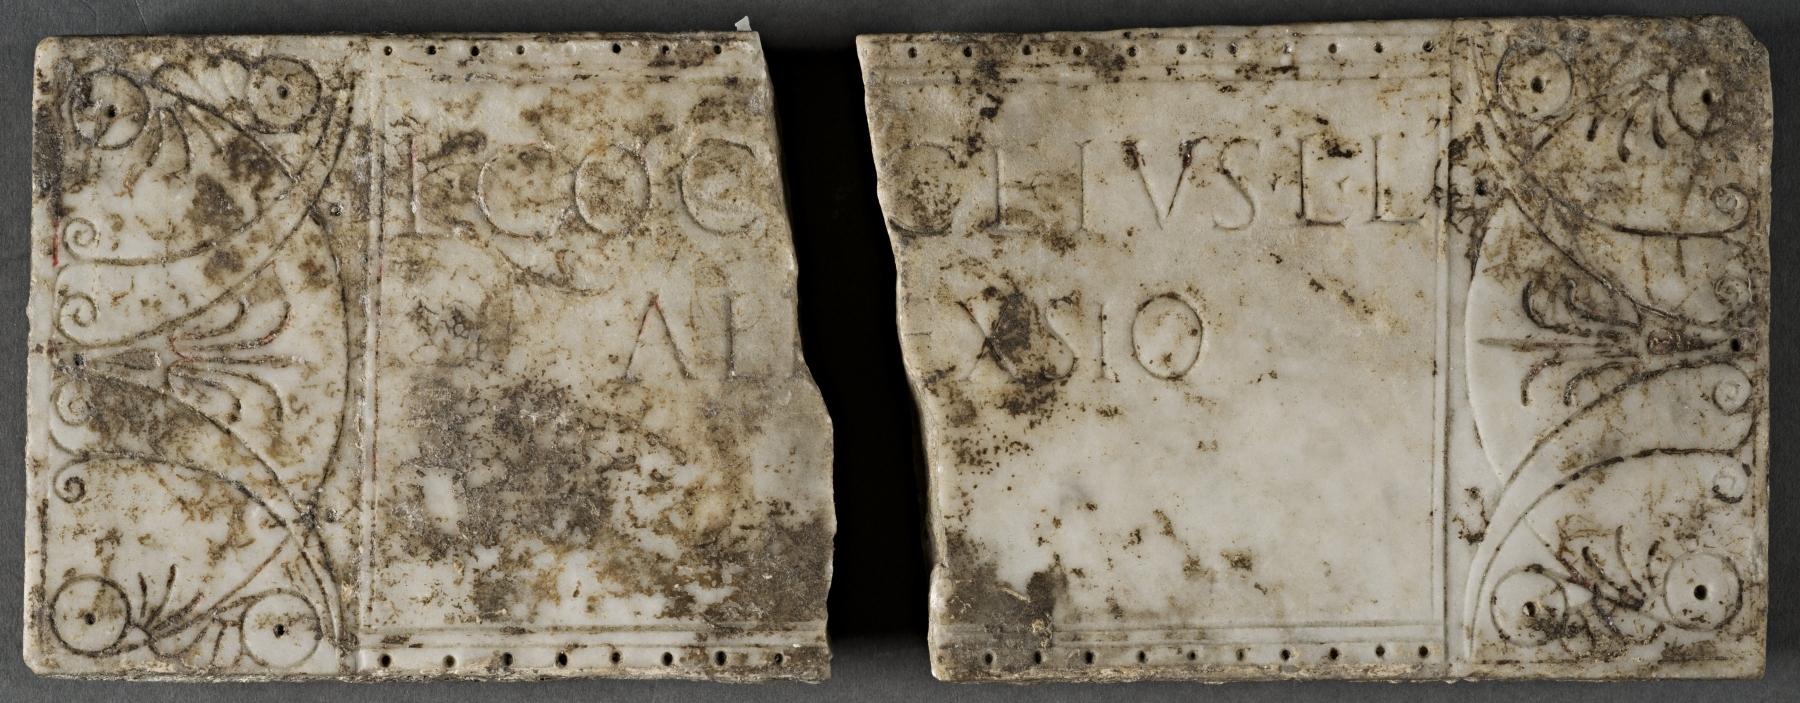 Columbarium plaque for Lucius Cocceius Alexsio